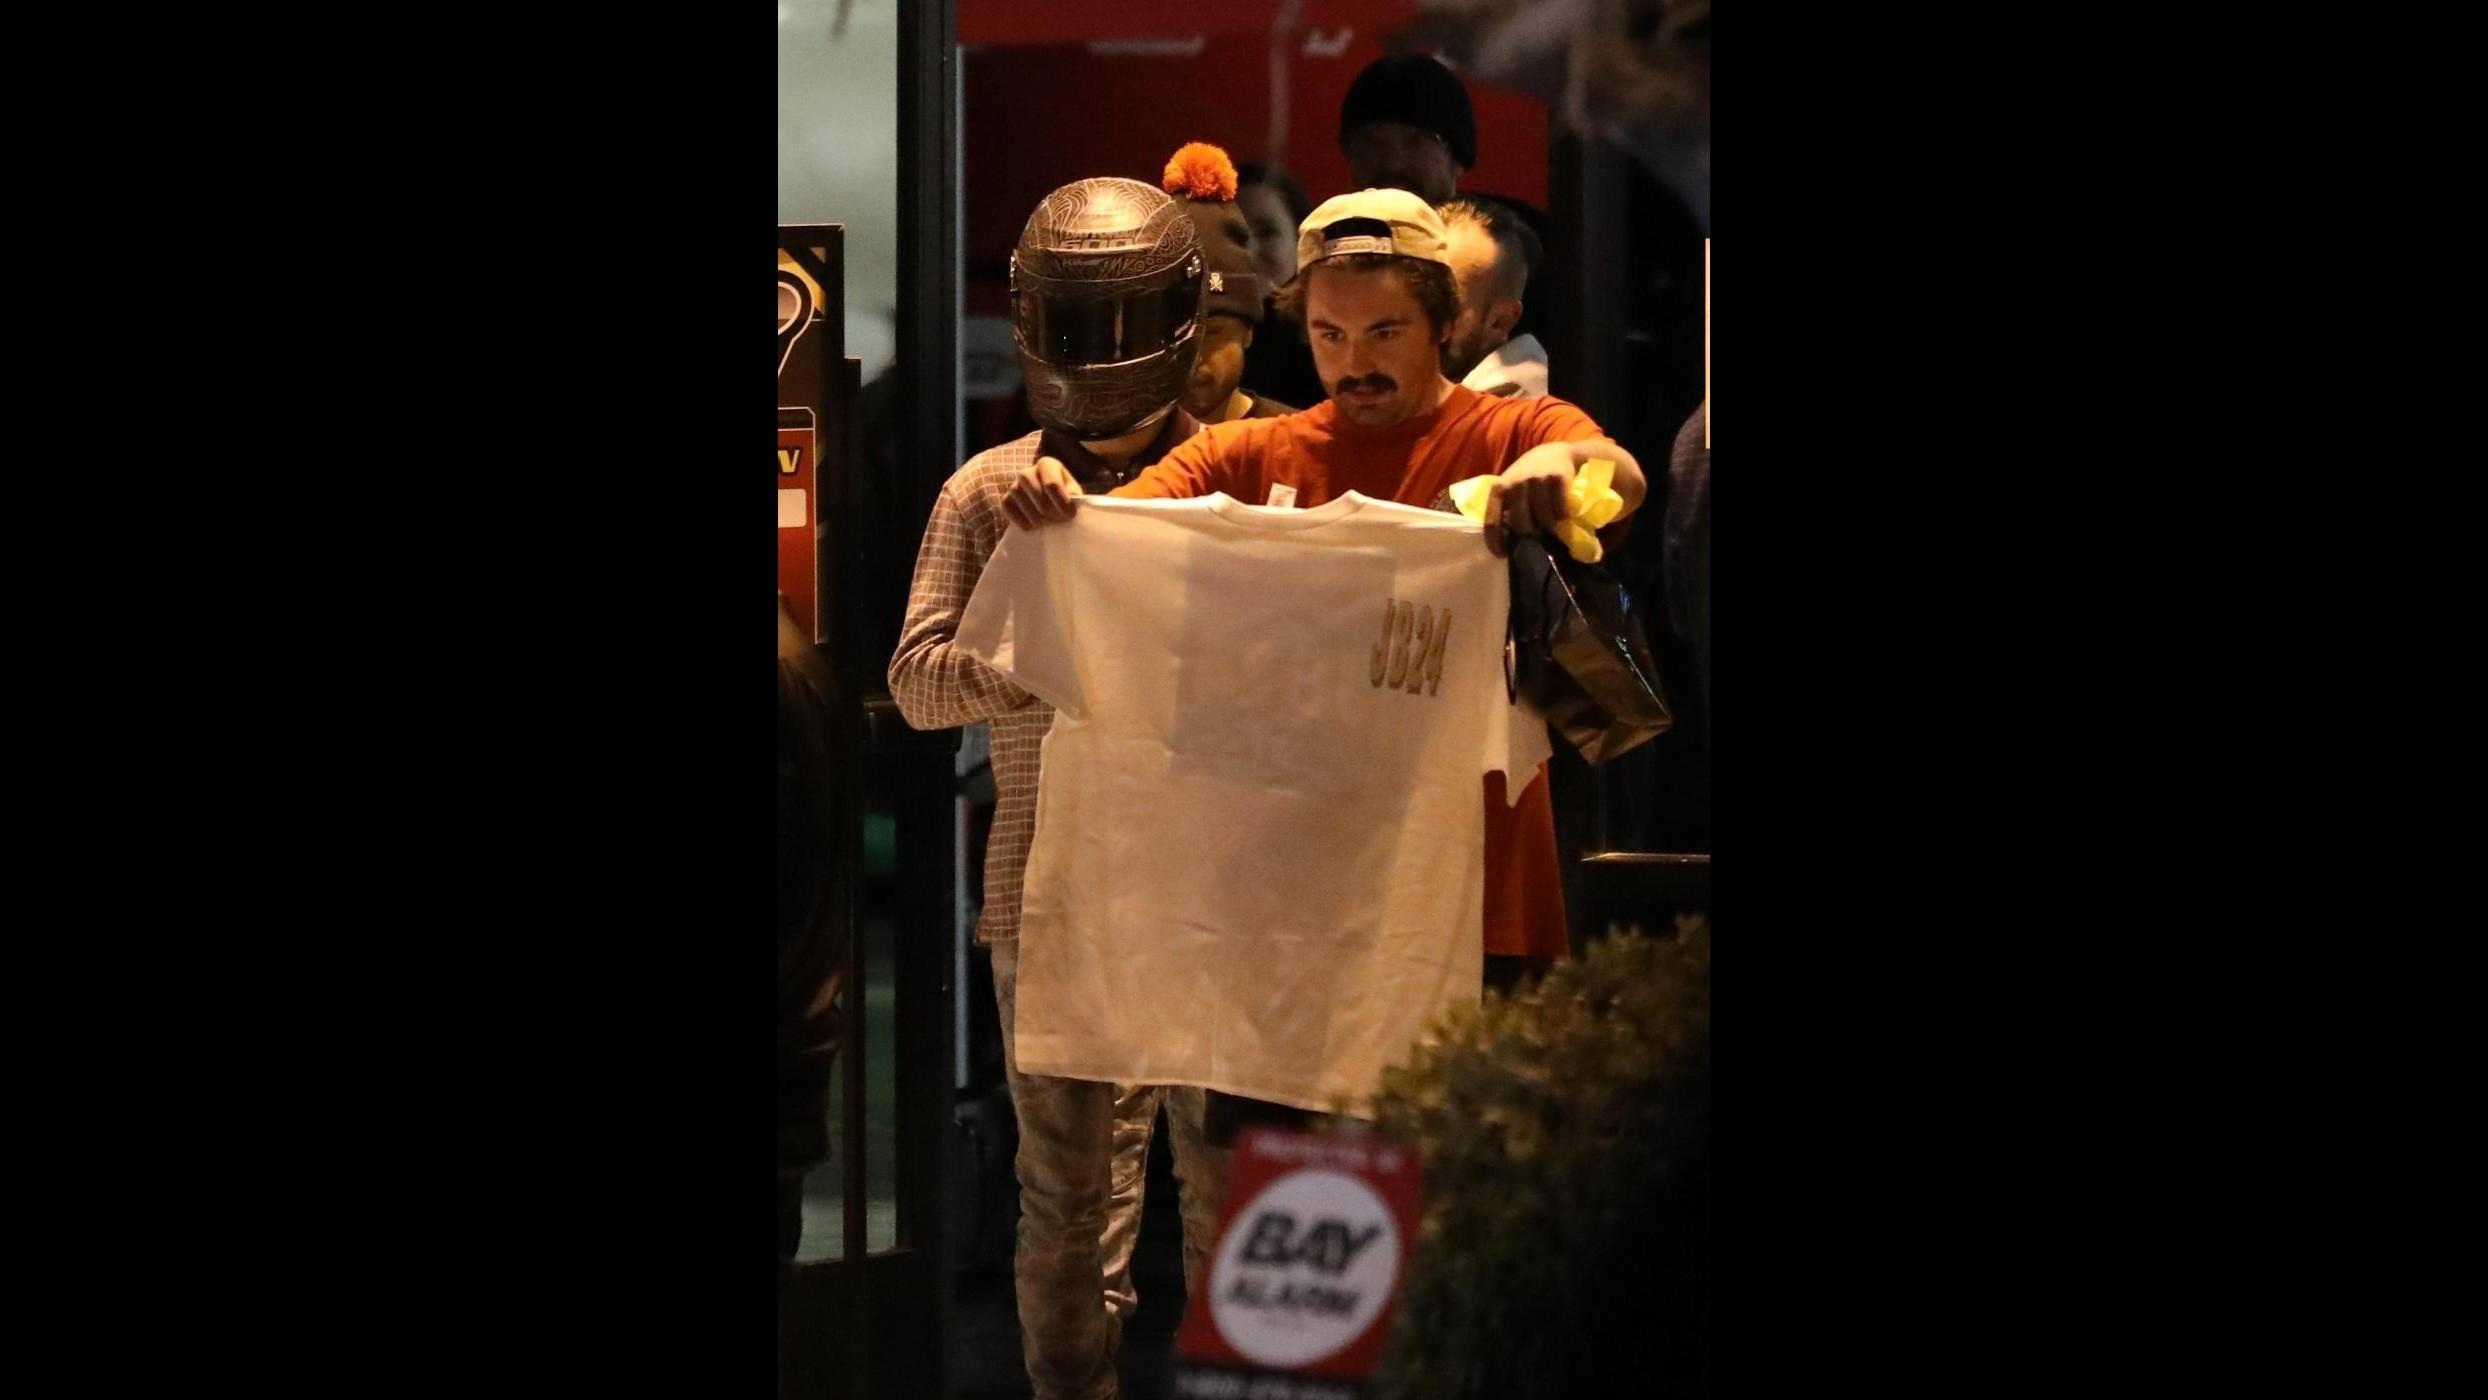 Justin Bieber, compleanno tra amore e famiglia: i dolci auguri di Selena